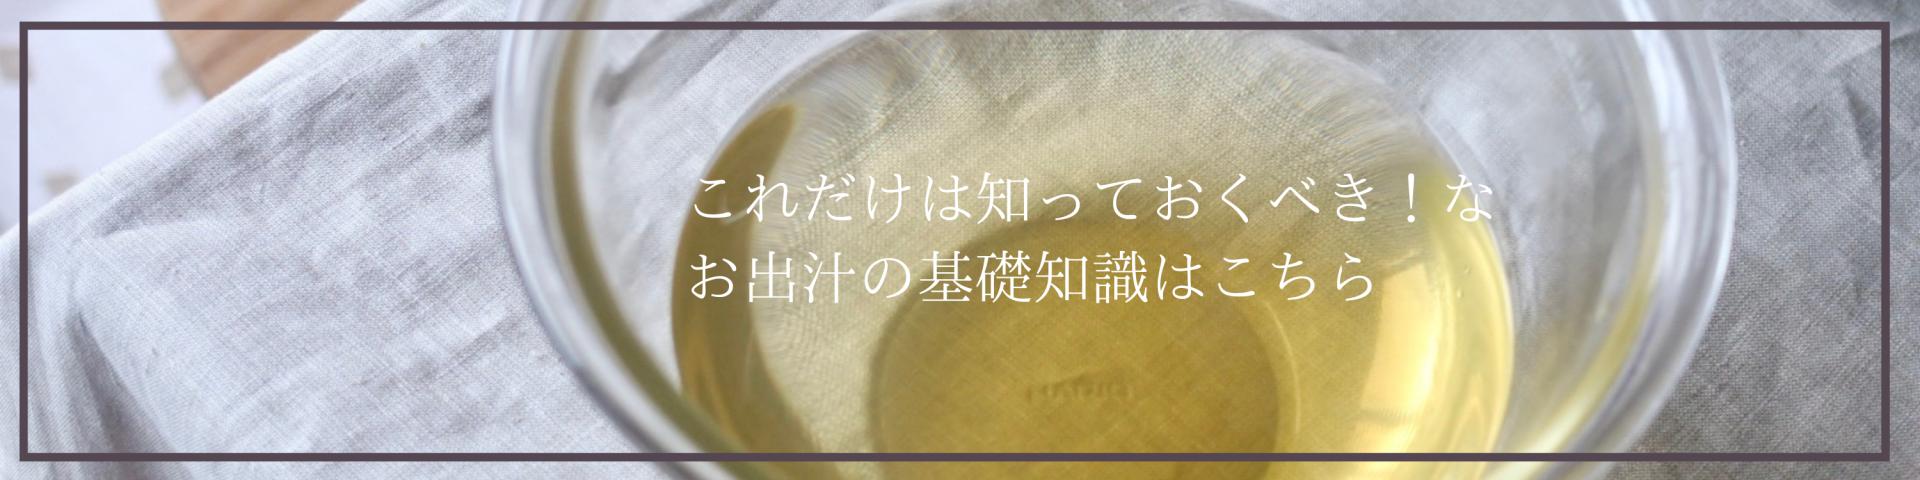 これだけは知っておいてほしい お出汁の基礎知識はこちら (2)